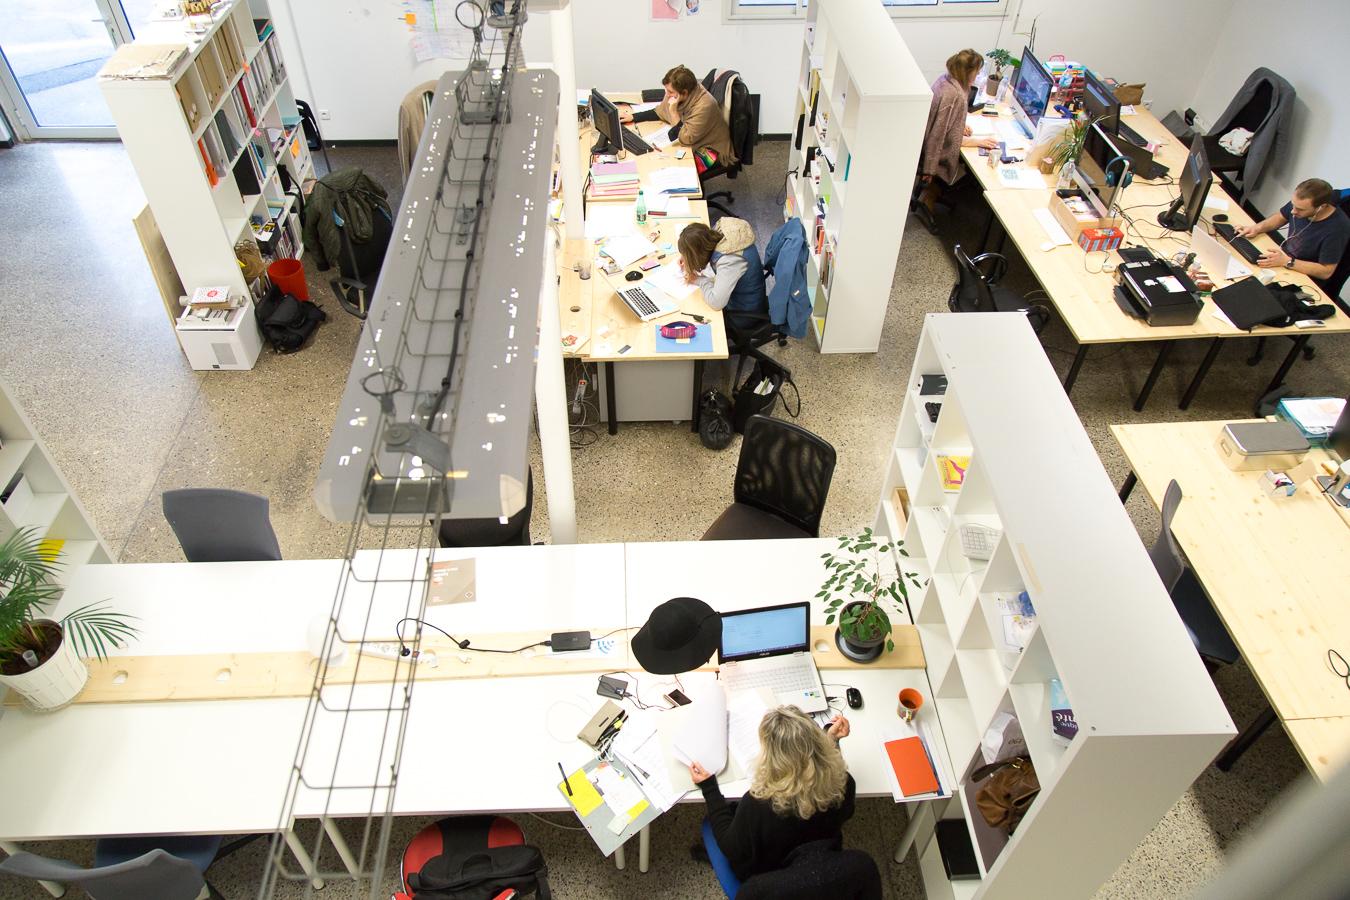 Vue plongeante open space coworking de Biarritz